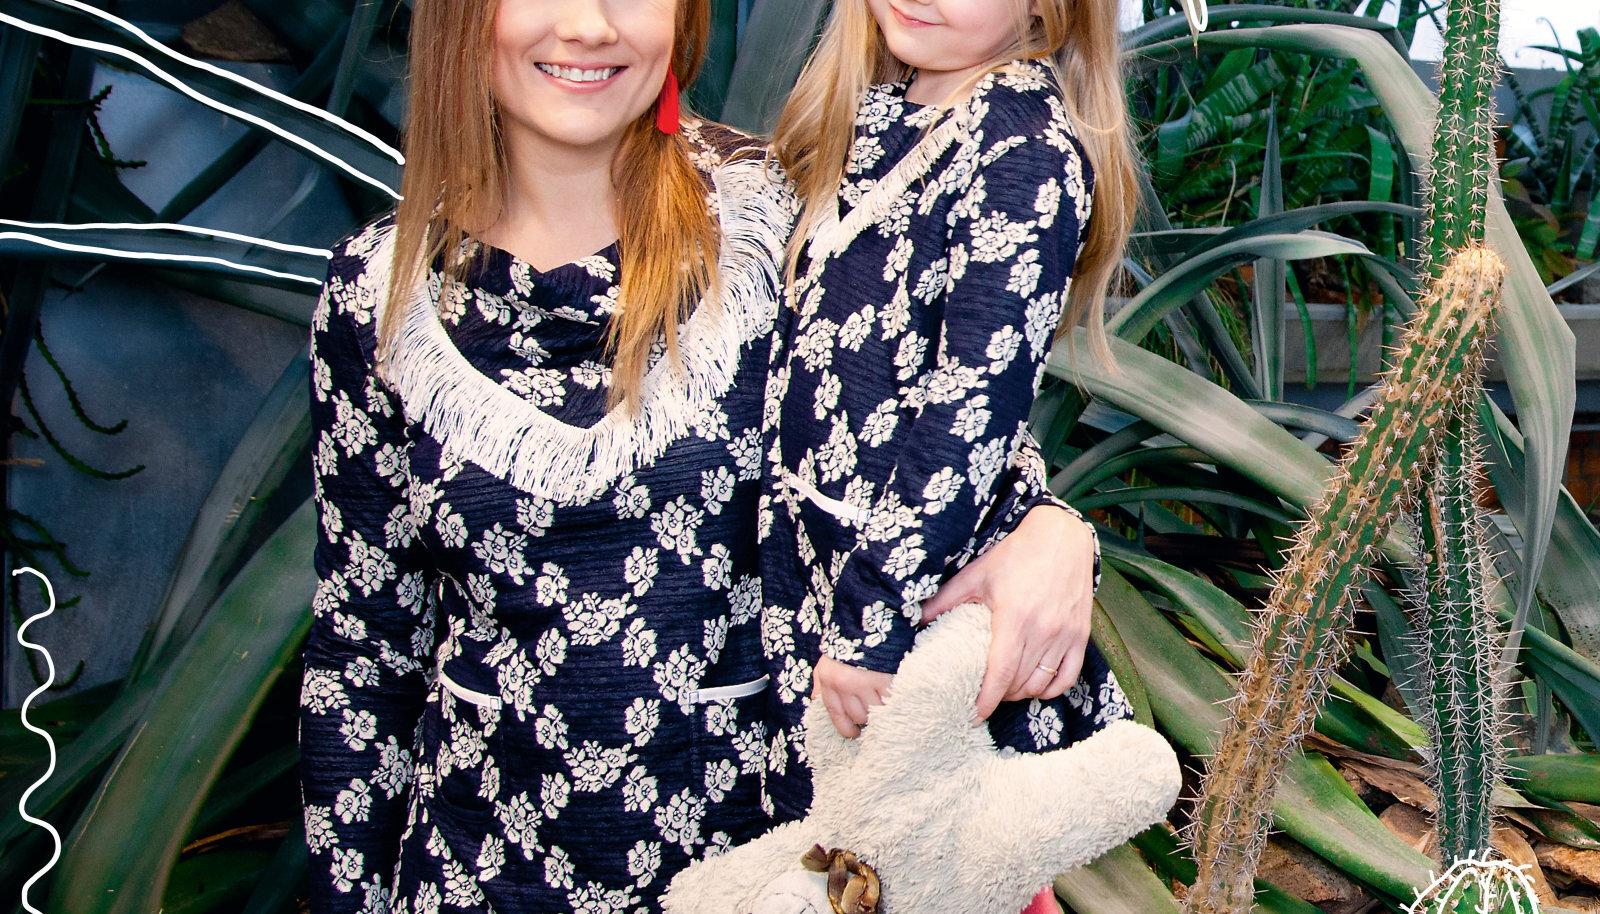 Inga ja Nora Ann on koos kasvades kokku kasvanud, kuid nüüd saab tütar tänu ema õpetusele juba ka iseseisvalt hakkama. Näiteks pangas.